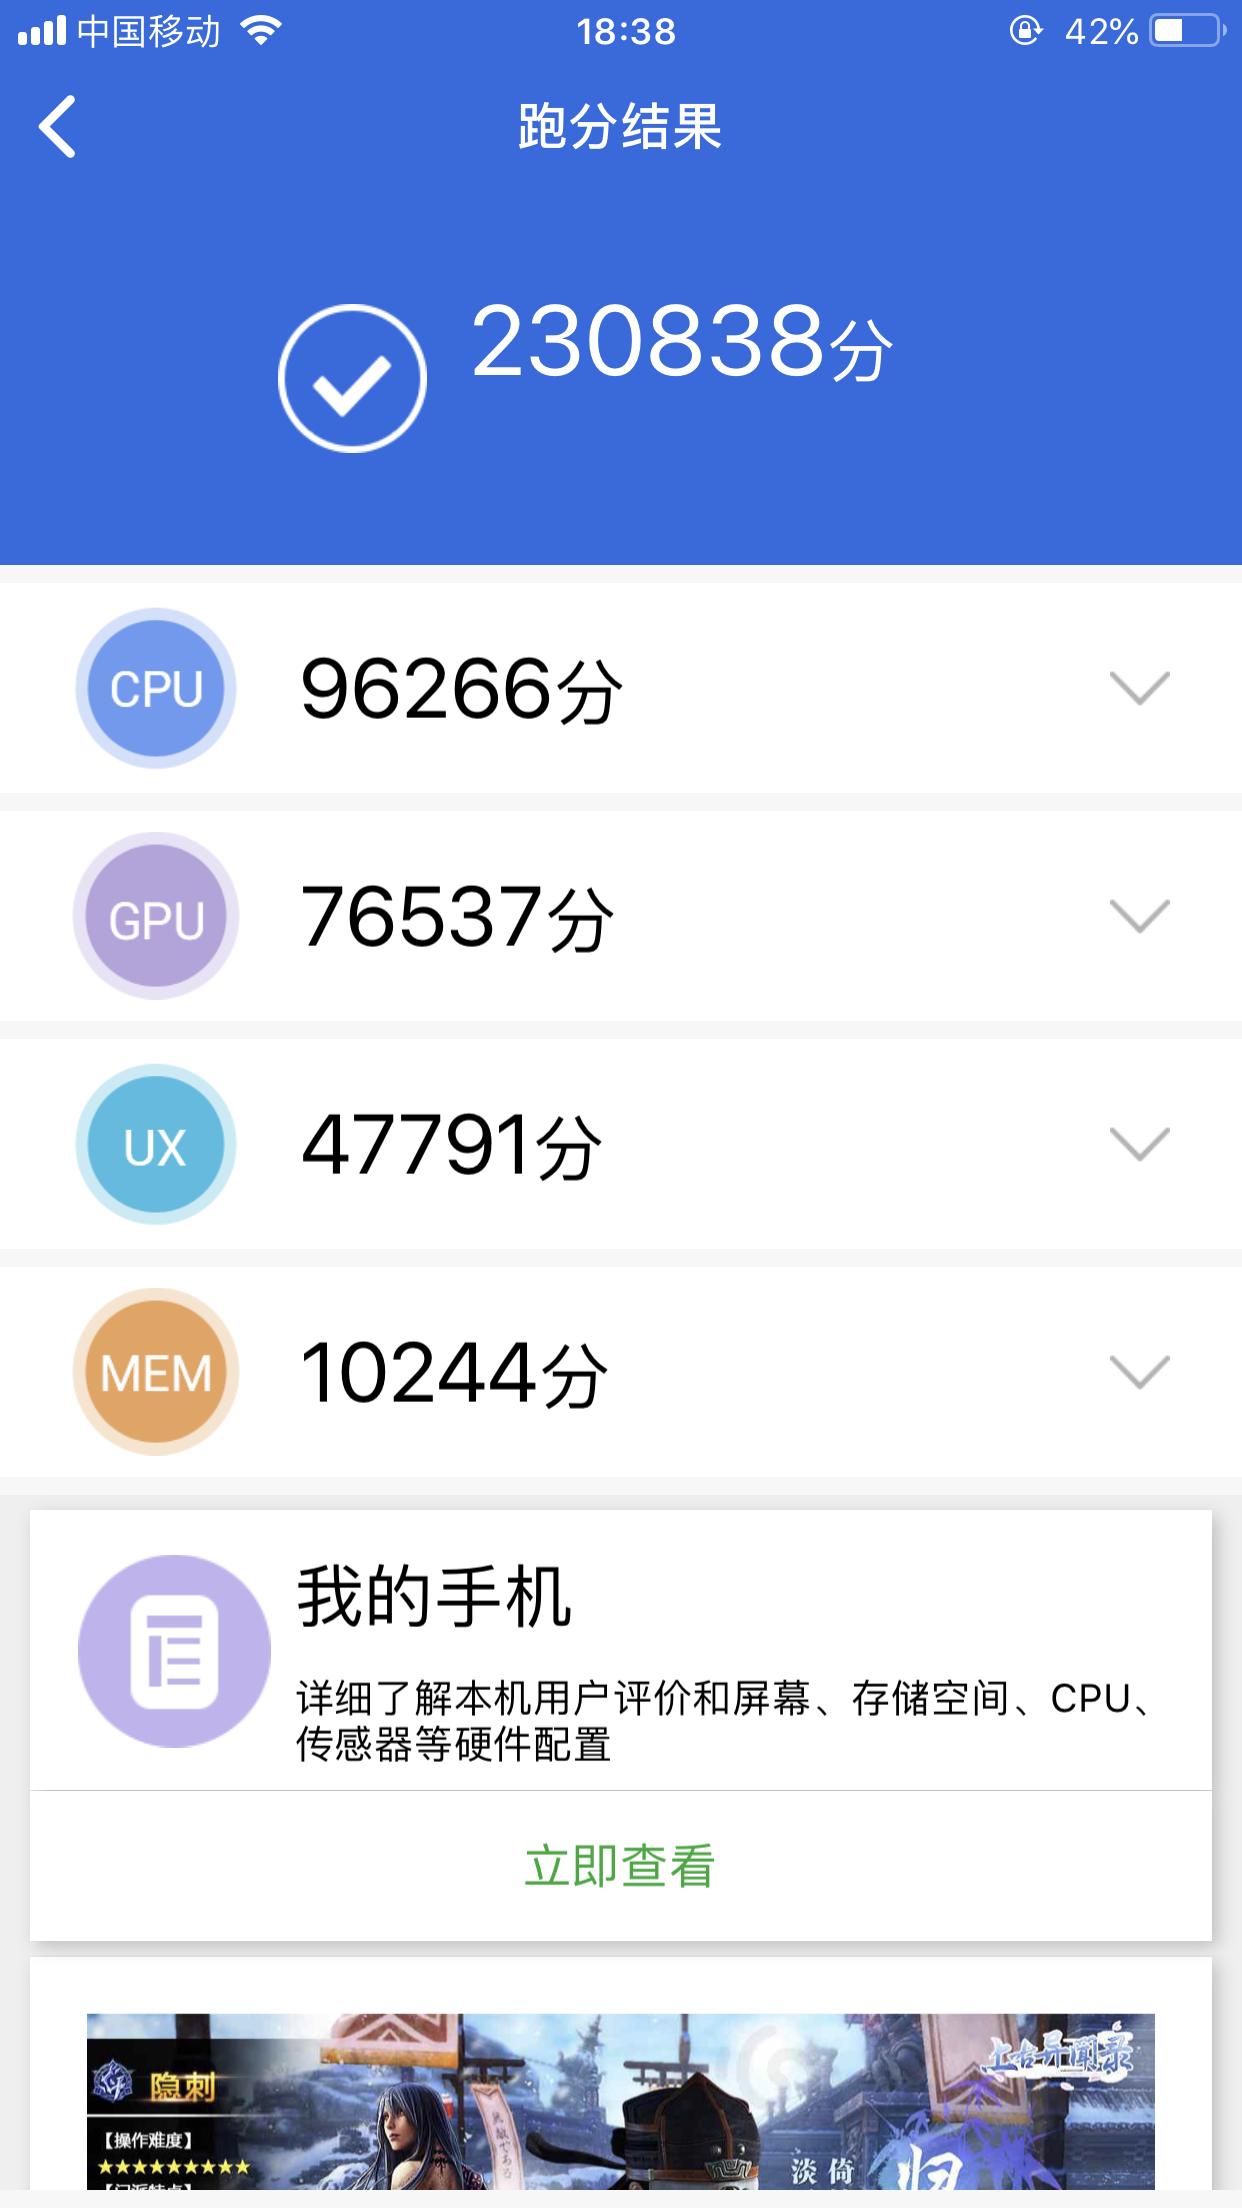 炸裂!iPhone Xs安兔兔跑分现身:36W!!!